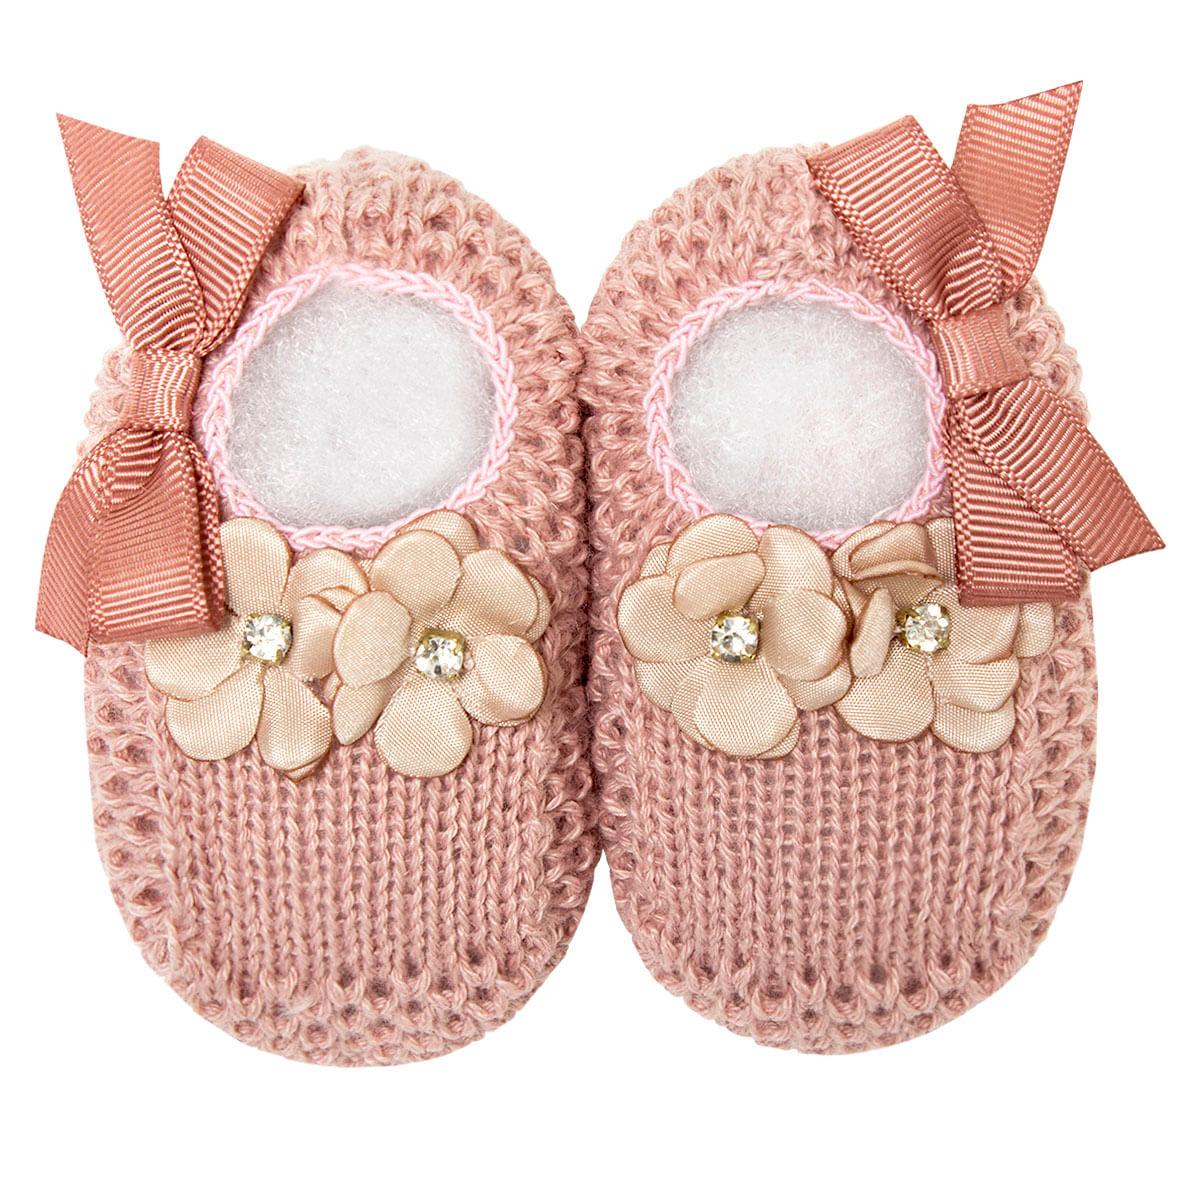 c2319194a Sapatinho para bebê em tricot Flores & Laço Rosé - Roana no bebefacil loja  de roupas enxoval e acessorios para bebes - bebefacil